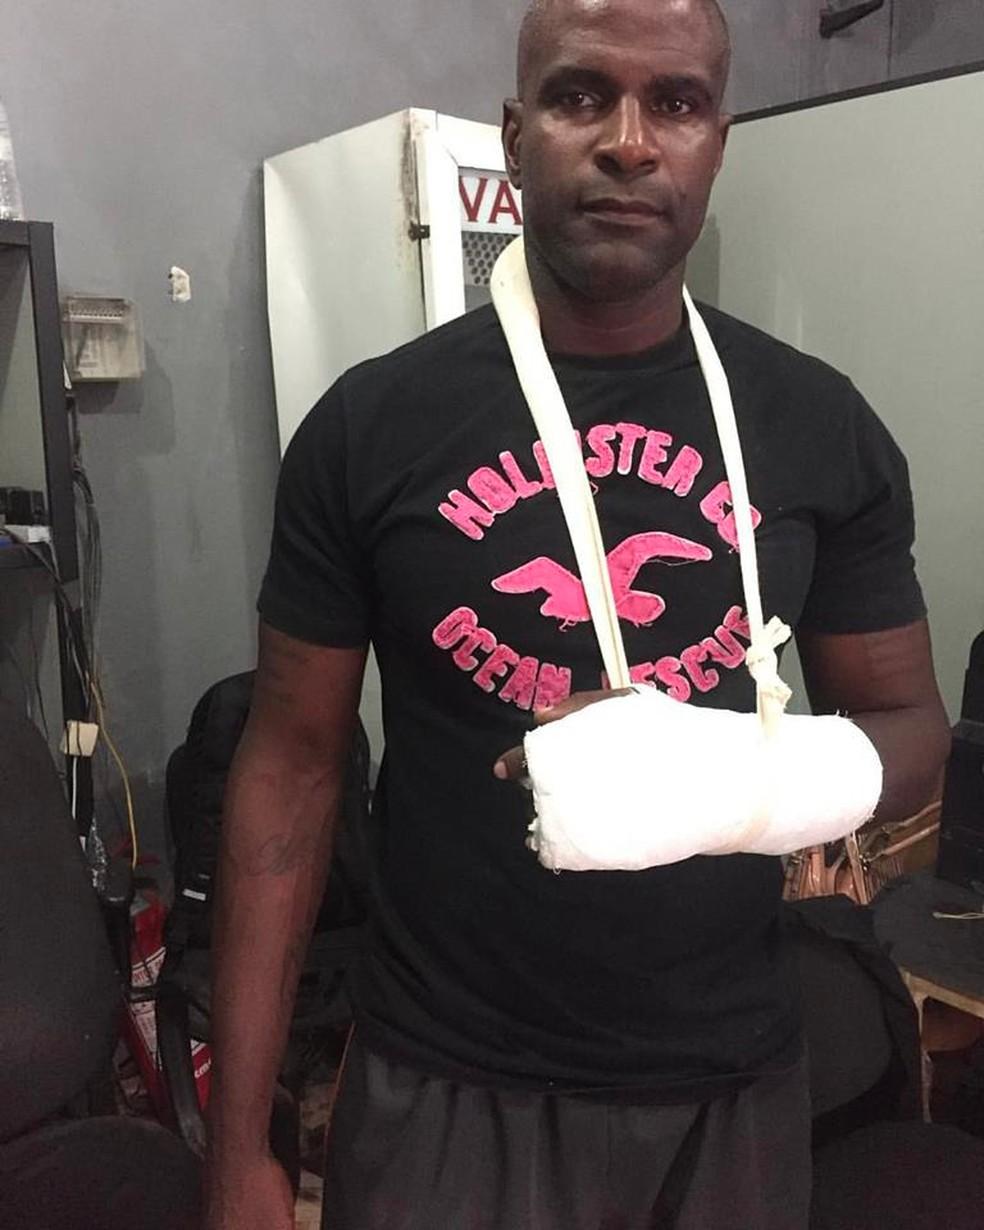 Goleiro Max sofreu uma lesão no braço durante o acidente e chegou a postar foto em rede social falando que estava bem (Foto: Reprodução/Arquivo pessoal)